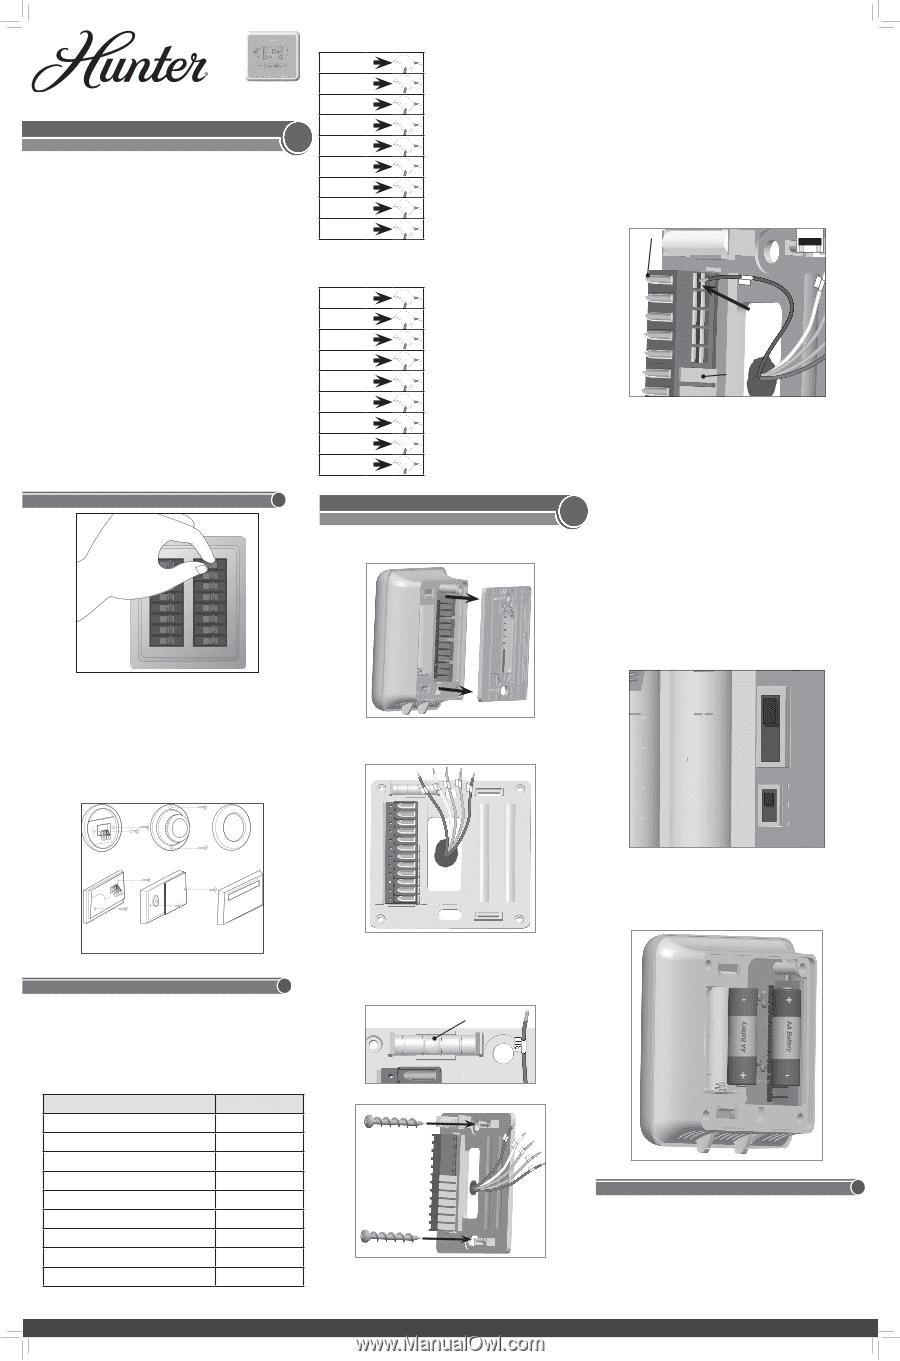 hunter 44132 installation guide rh manualowl com Hunter Programmable Thermostat Manual 44155C Hunter Programmable Thermostat Manual 44155C